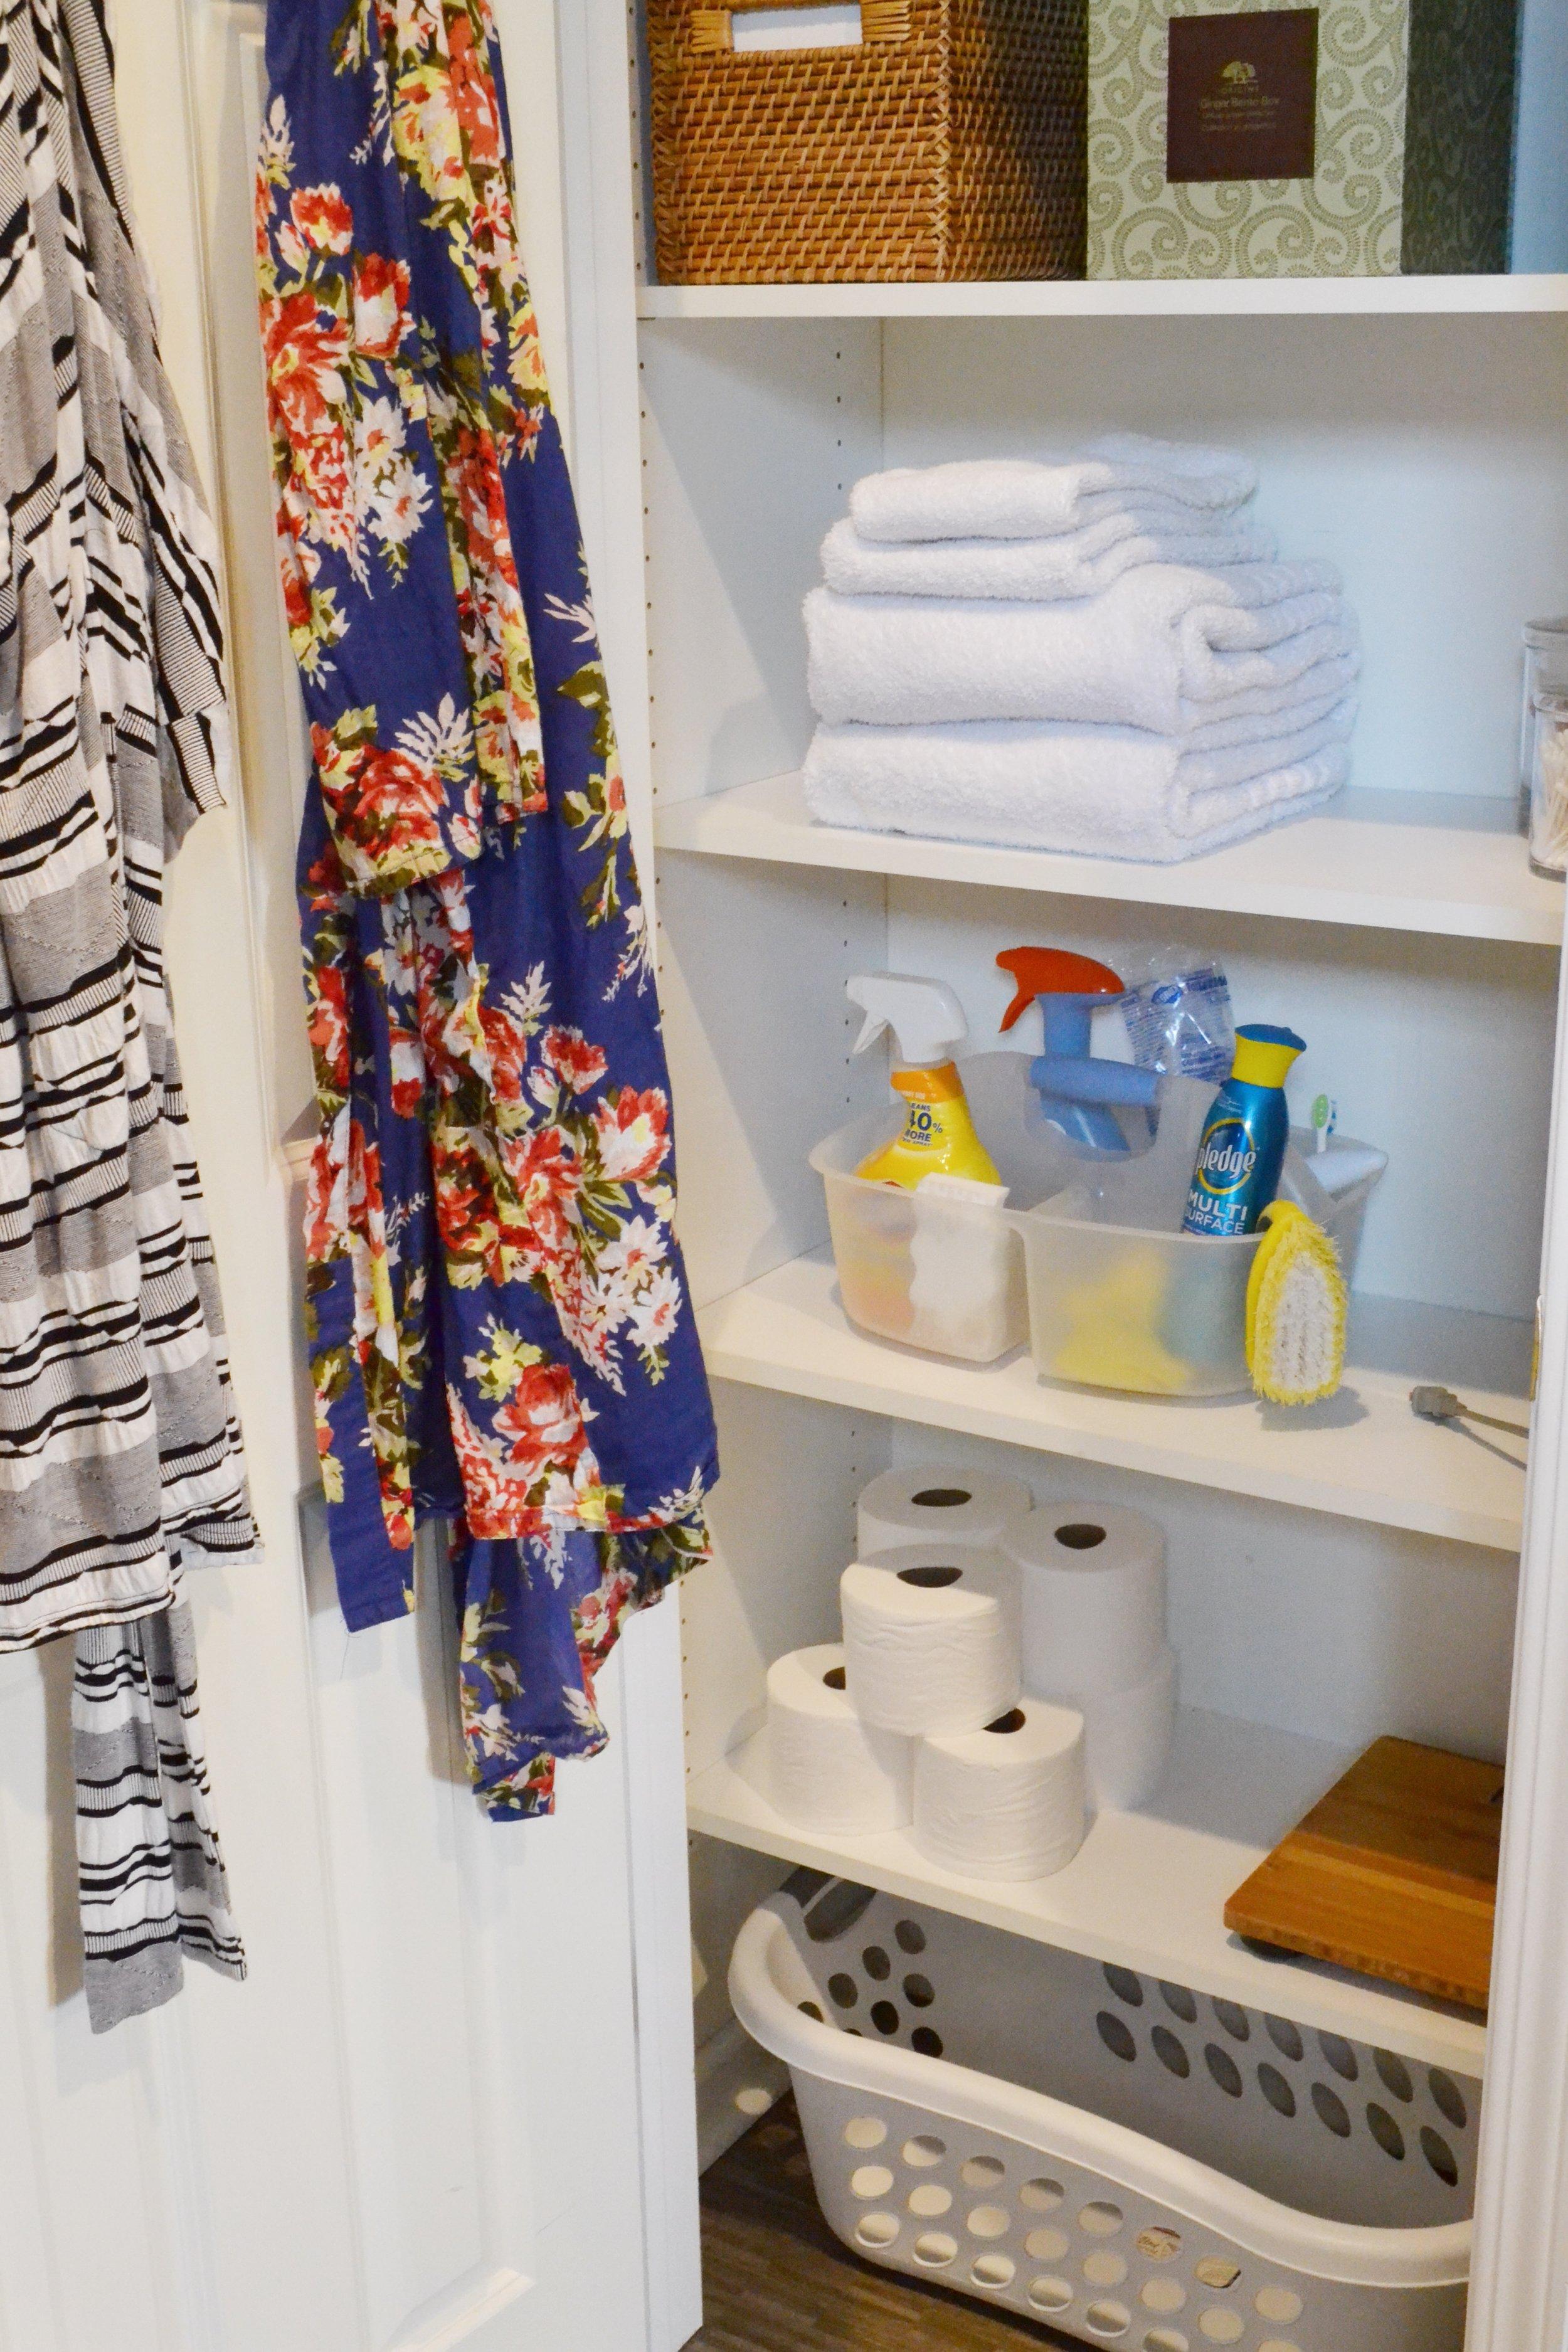 Organized Linen Closet | Image Courtesy of The Baer Minimalist